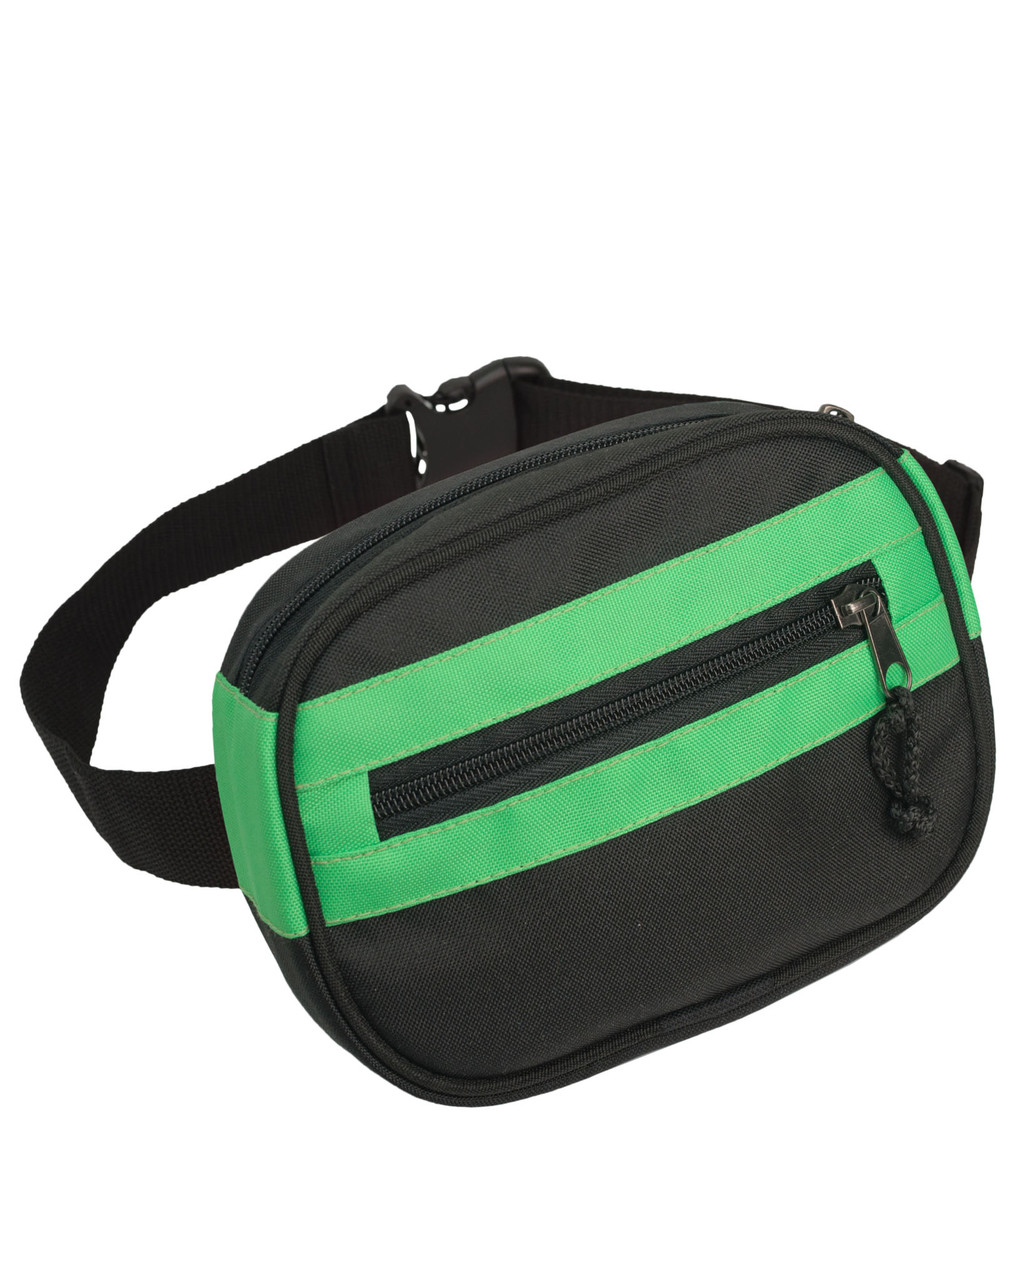 44e03e37c7e0 Поясная сумка бананка Kokos Surikat черный/зеленый (сумка на пояс, сумки,  сумка